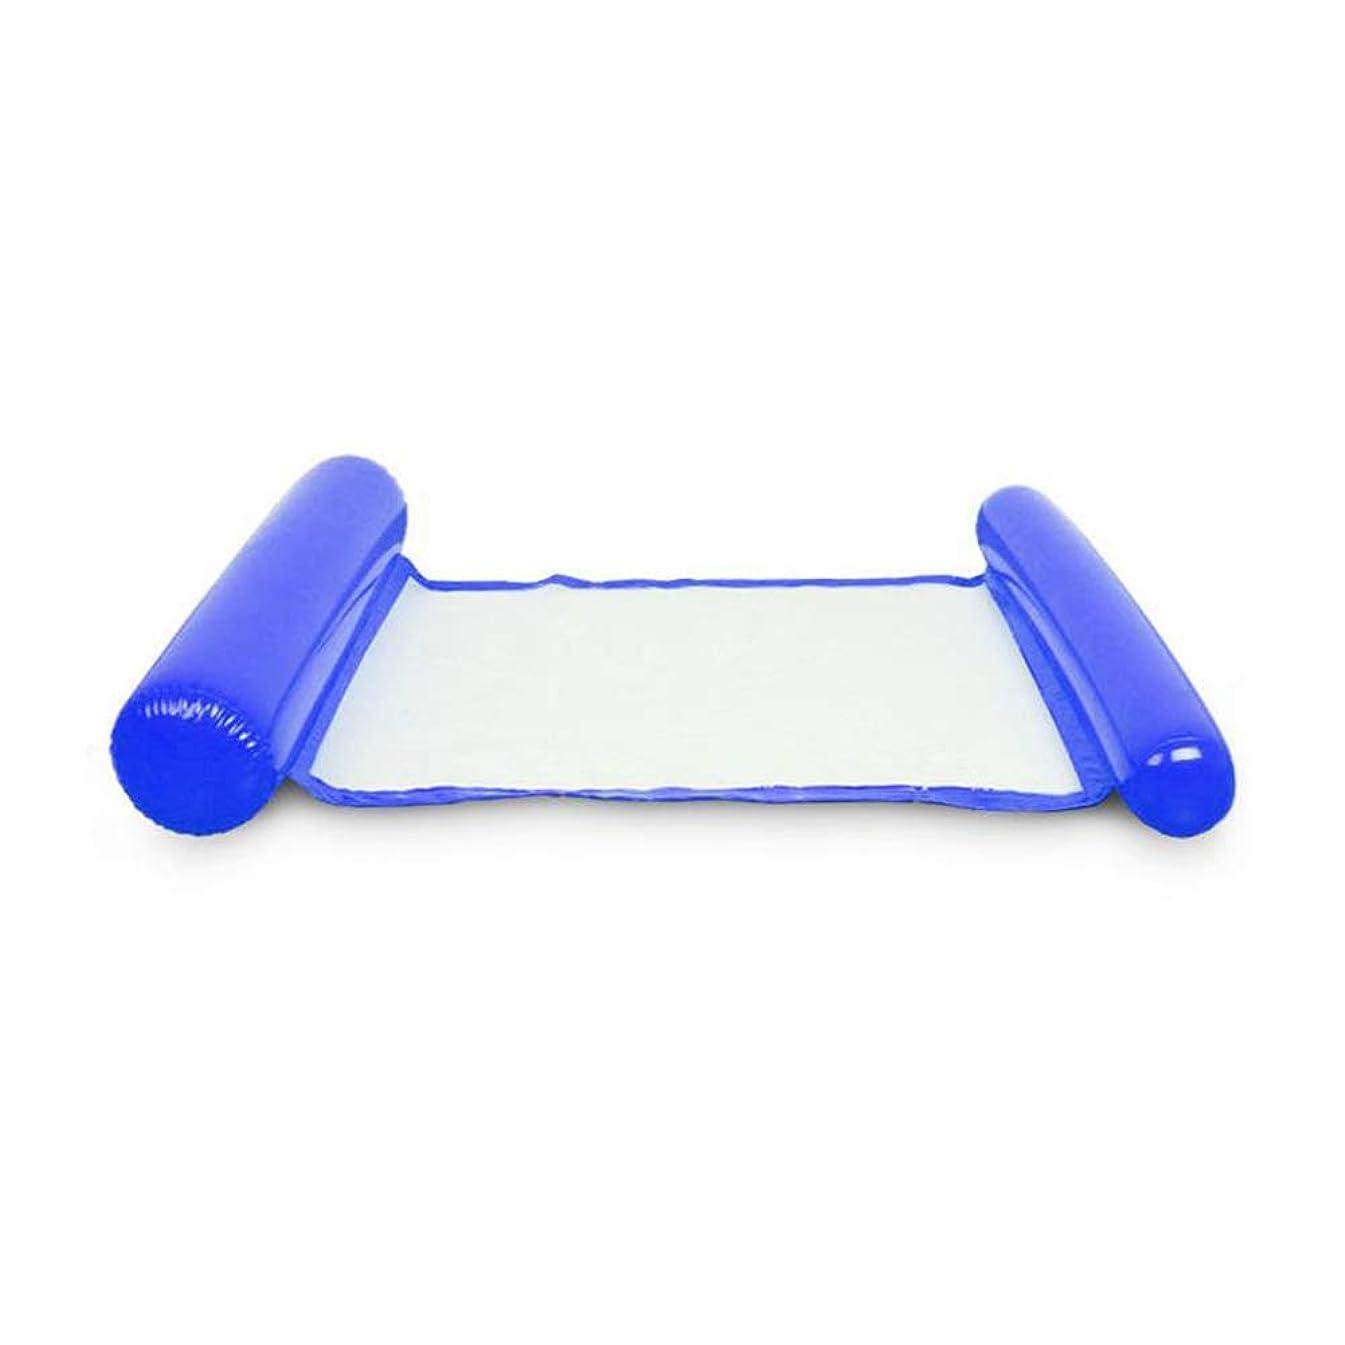 おとなしい性的原子炉水泳パーティーのおもちゃに適したヘッドレスト付きのプールインフレータブルfloaties水インフレータブルラウンジチェア